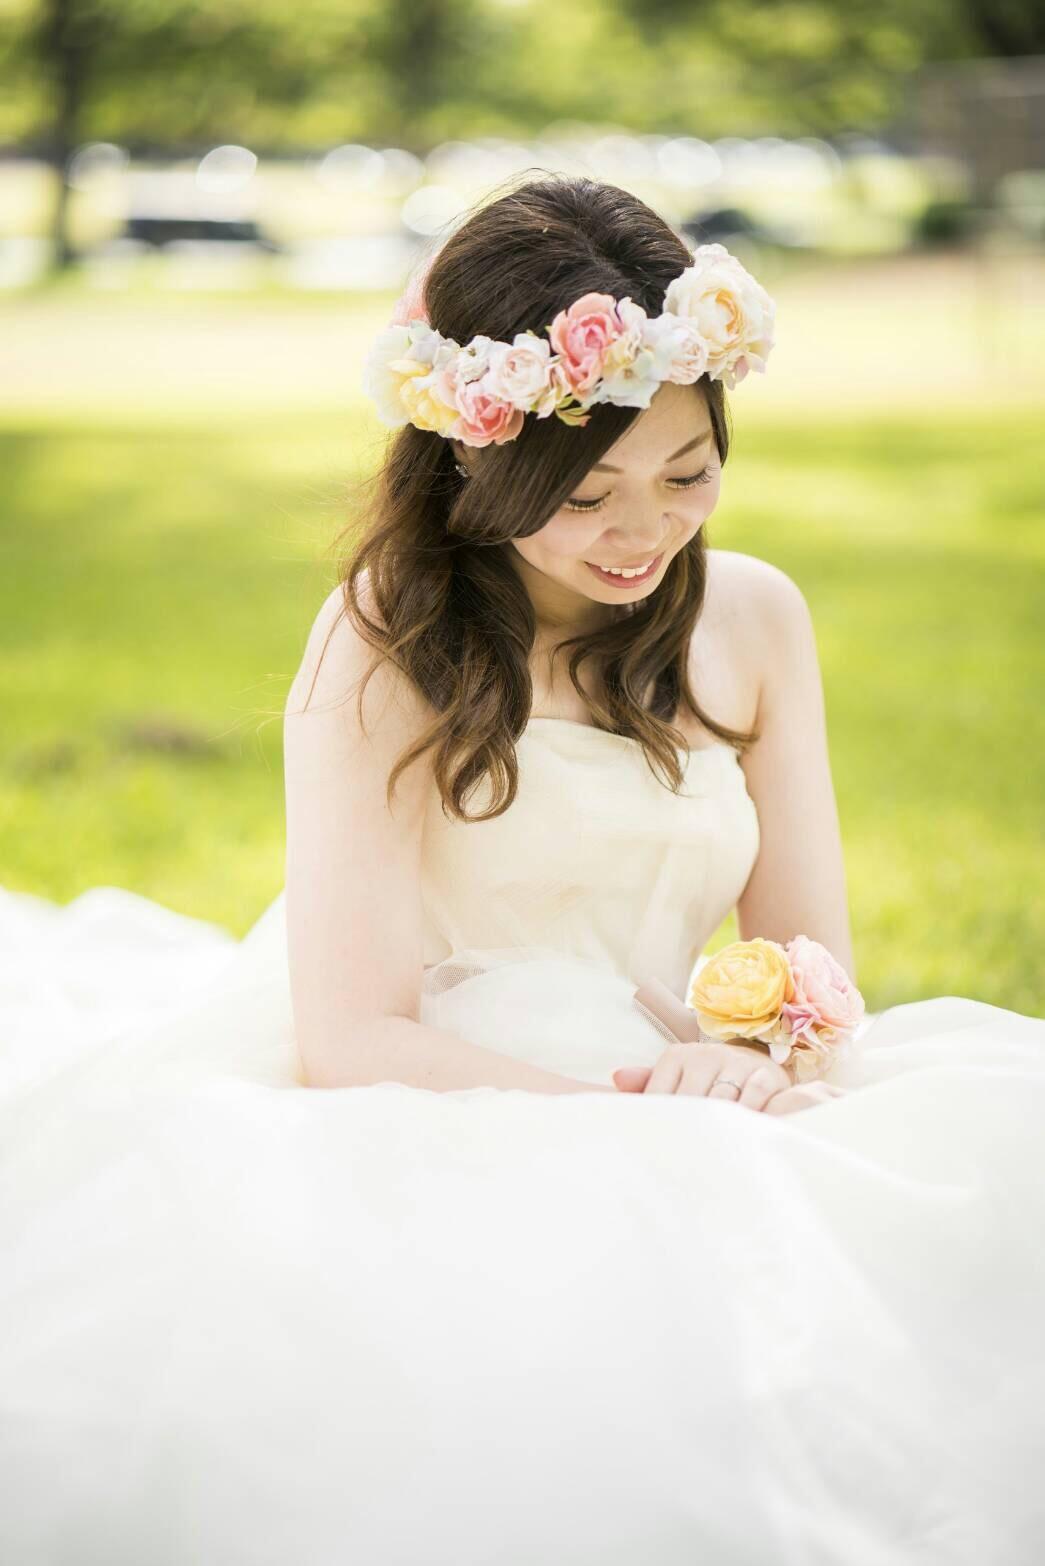 5月の花嫁_b0208604_23422937.jpeg